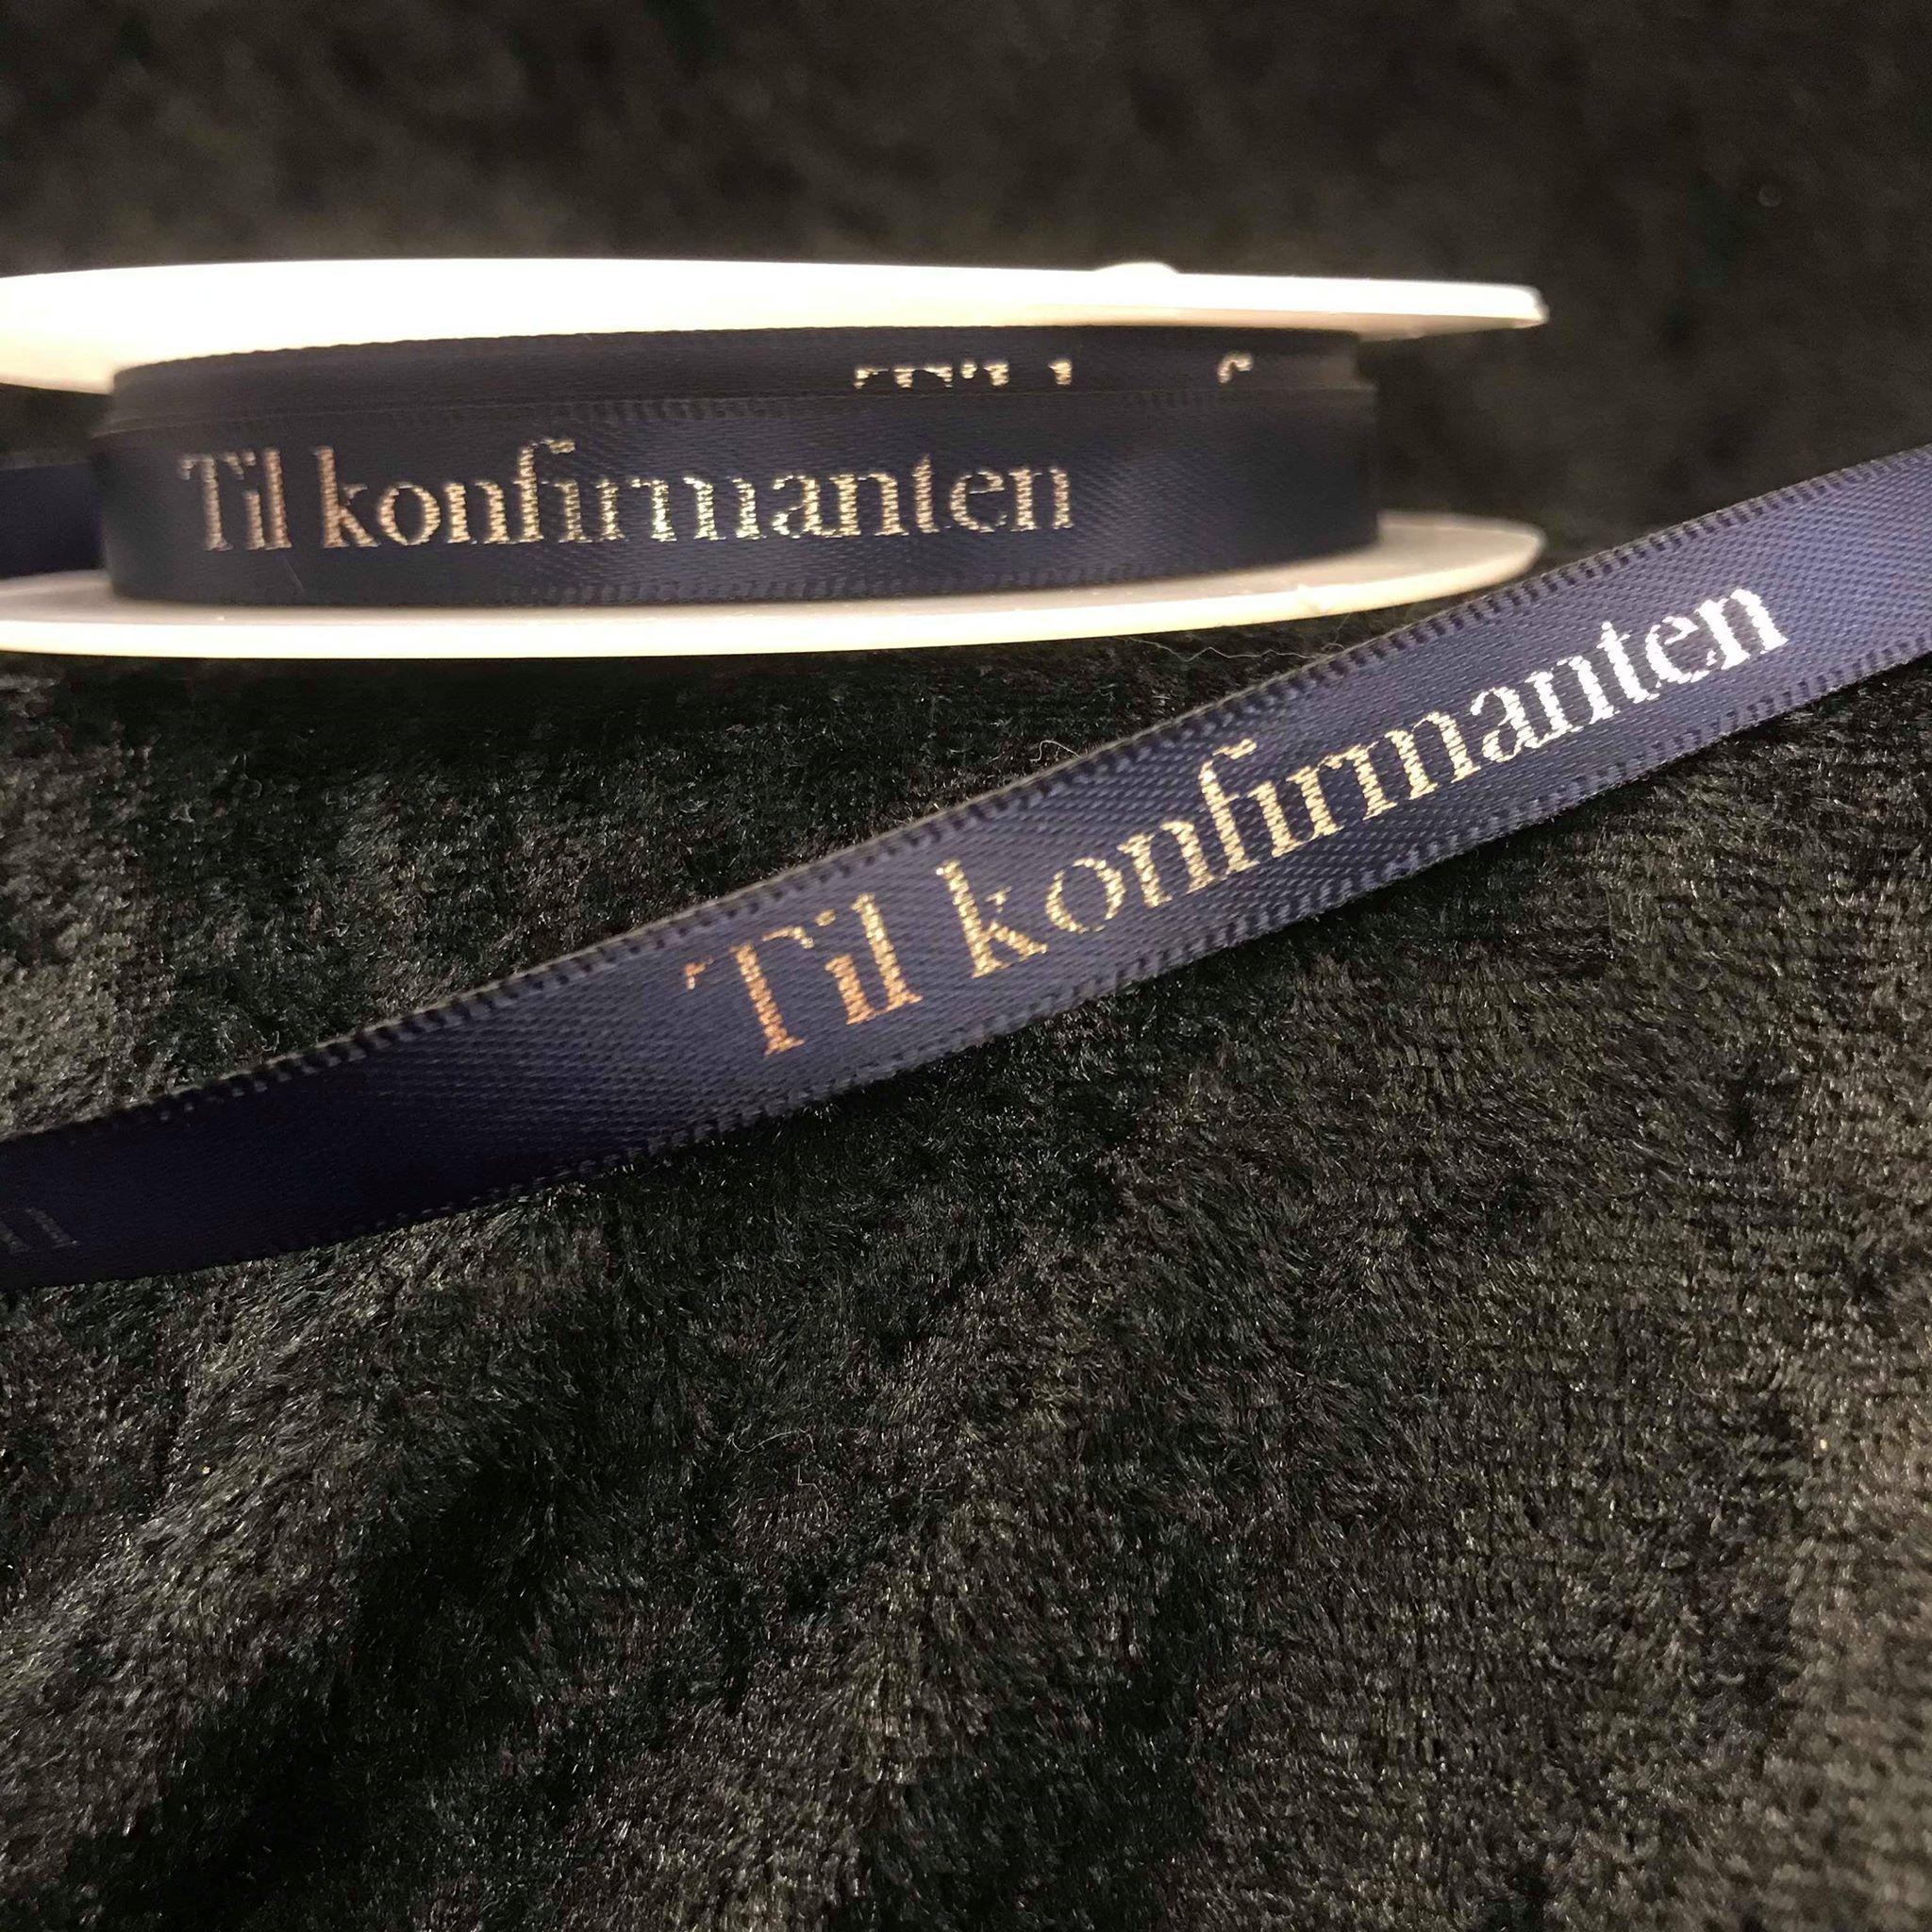 Mørk blått/ navy silkebånd med sølvfarget tekst